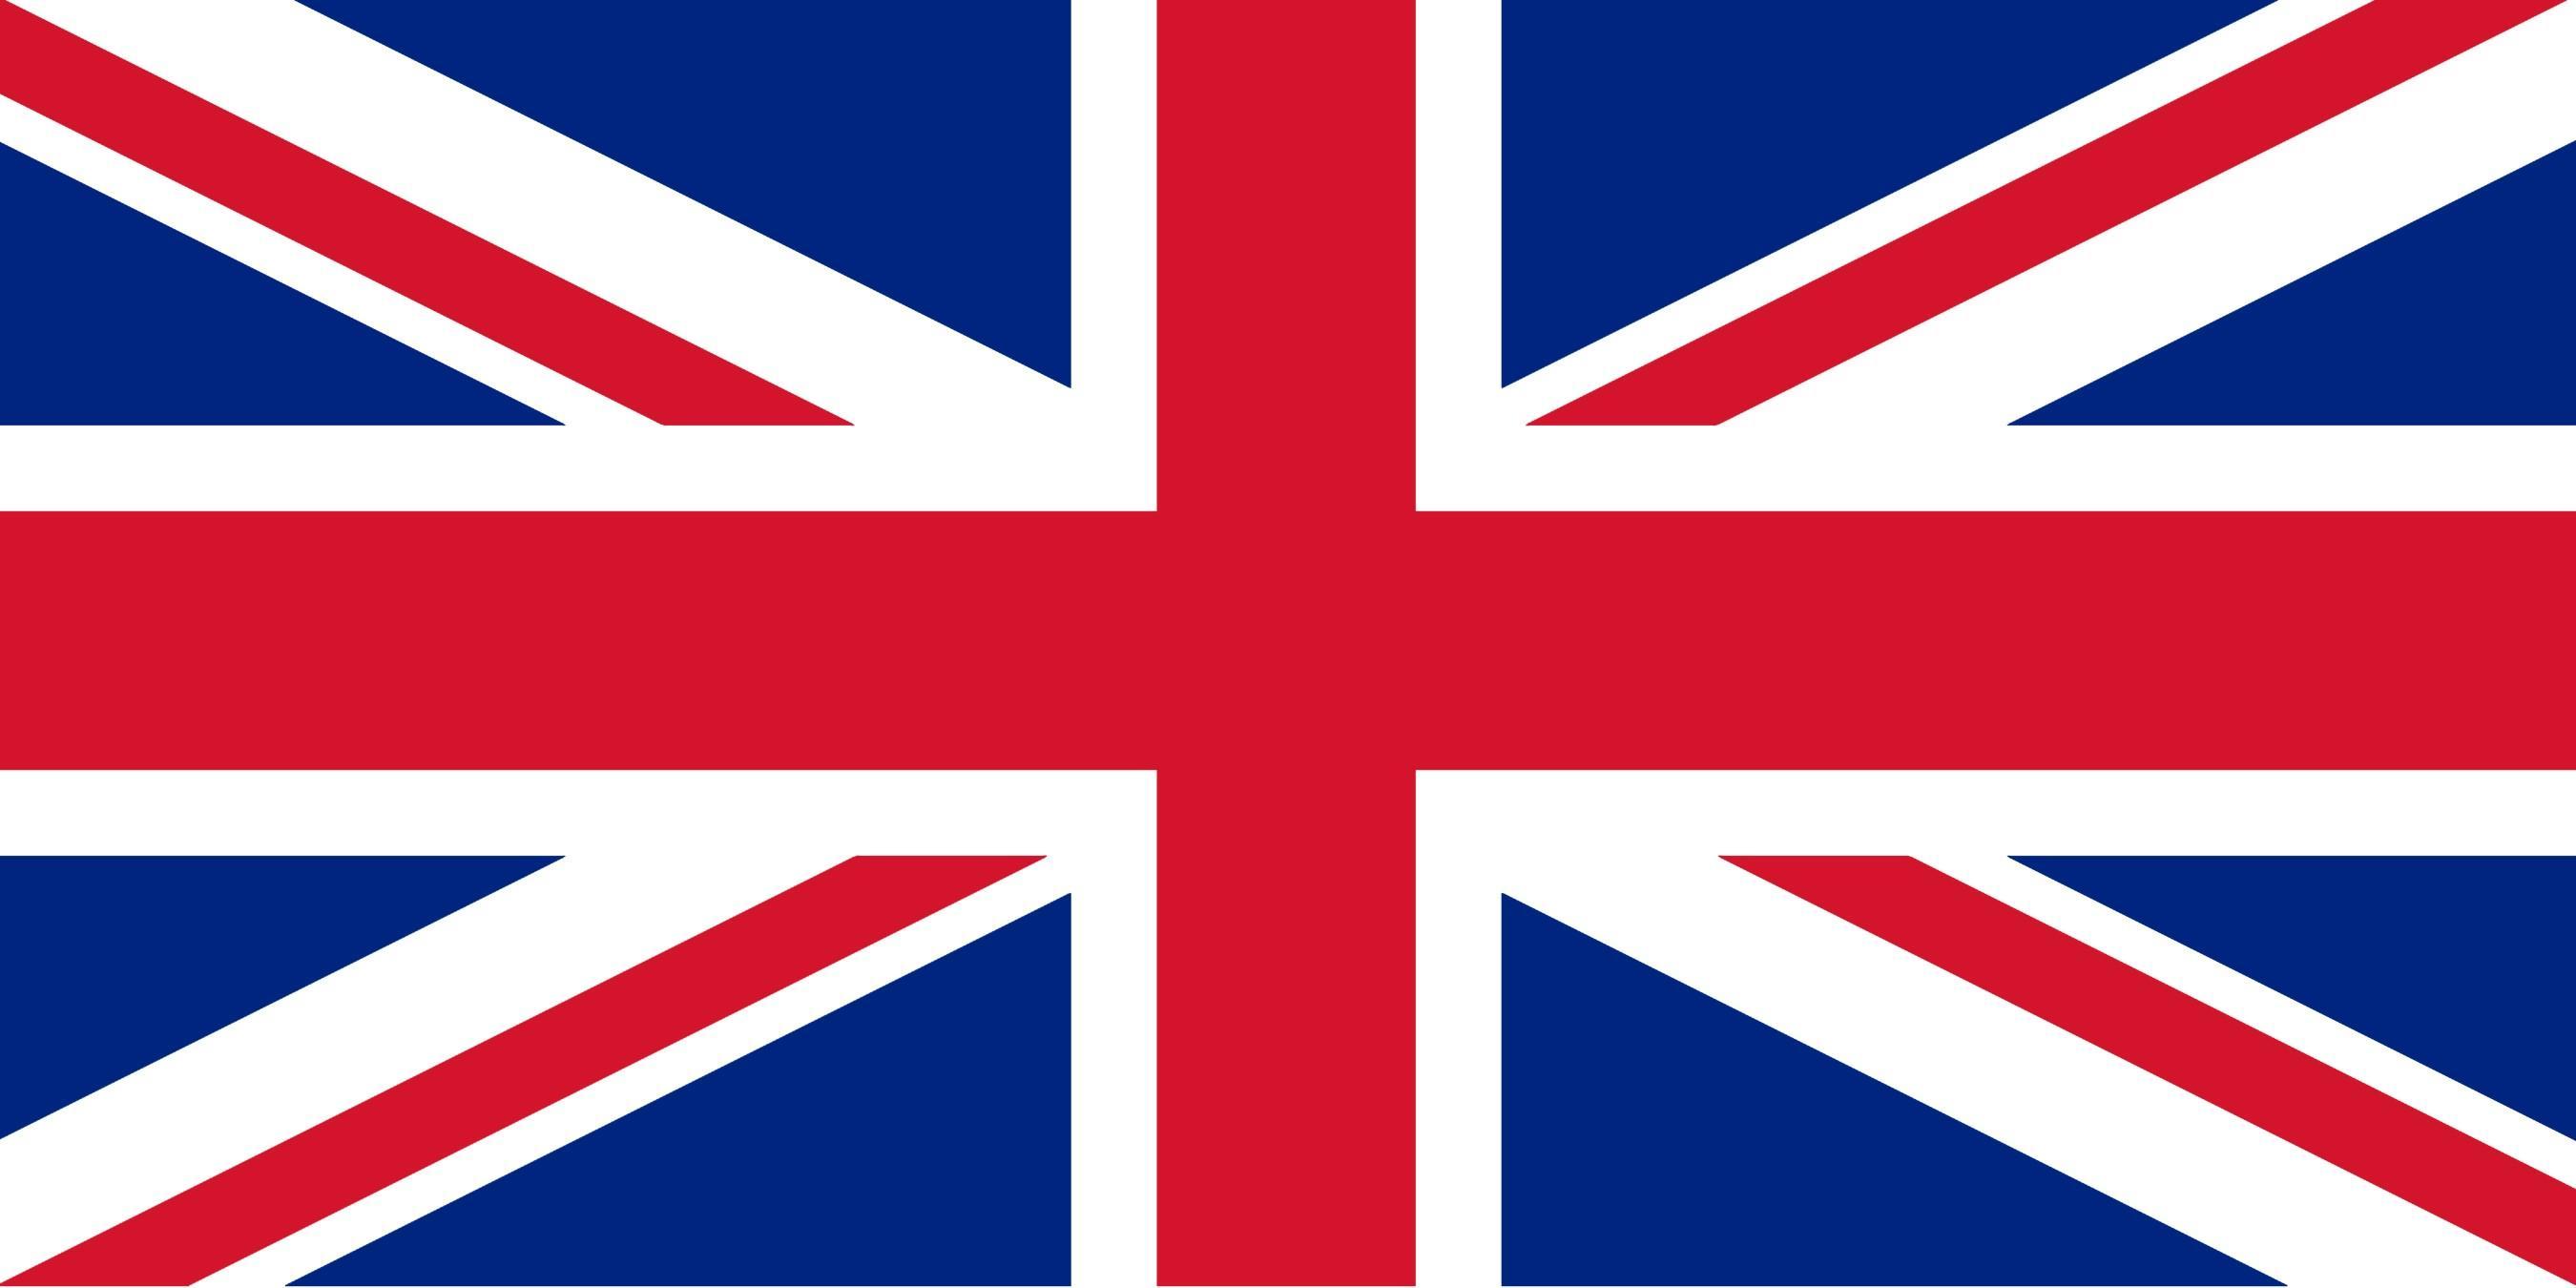 イギリスの求人情報・転職情報